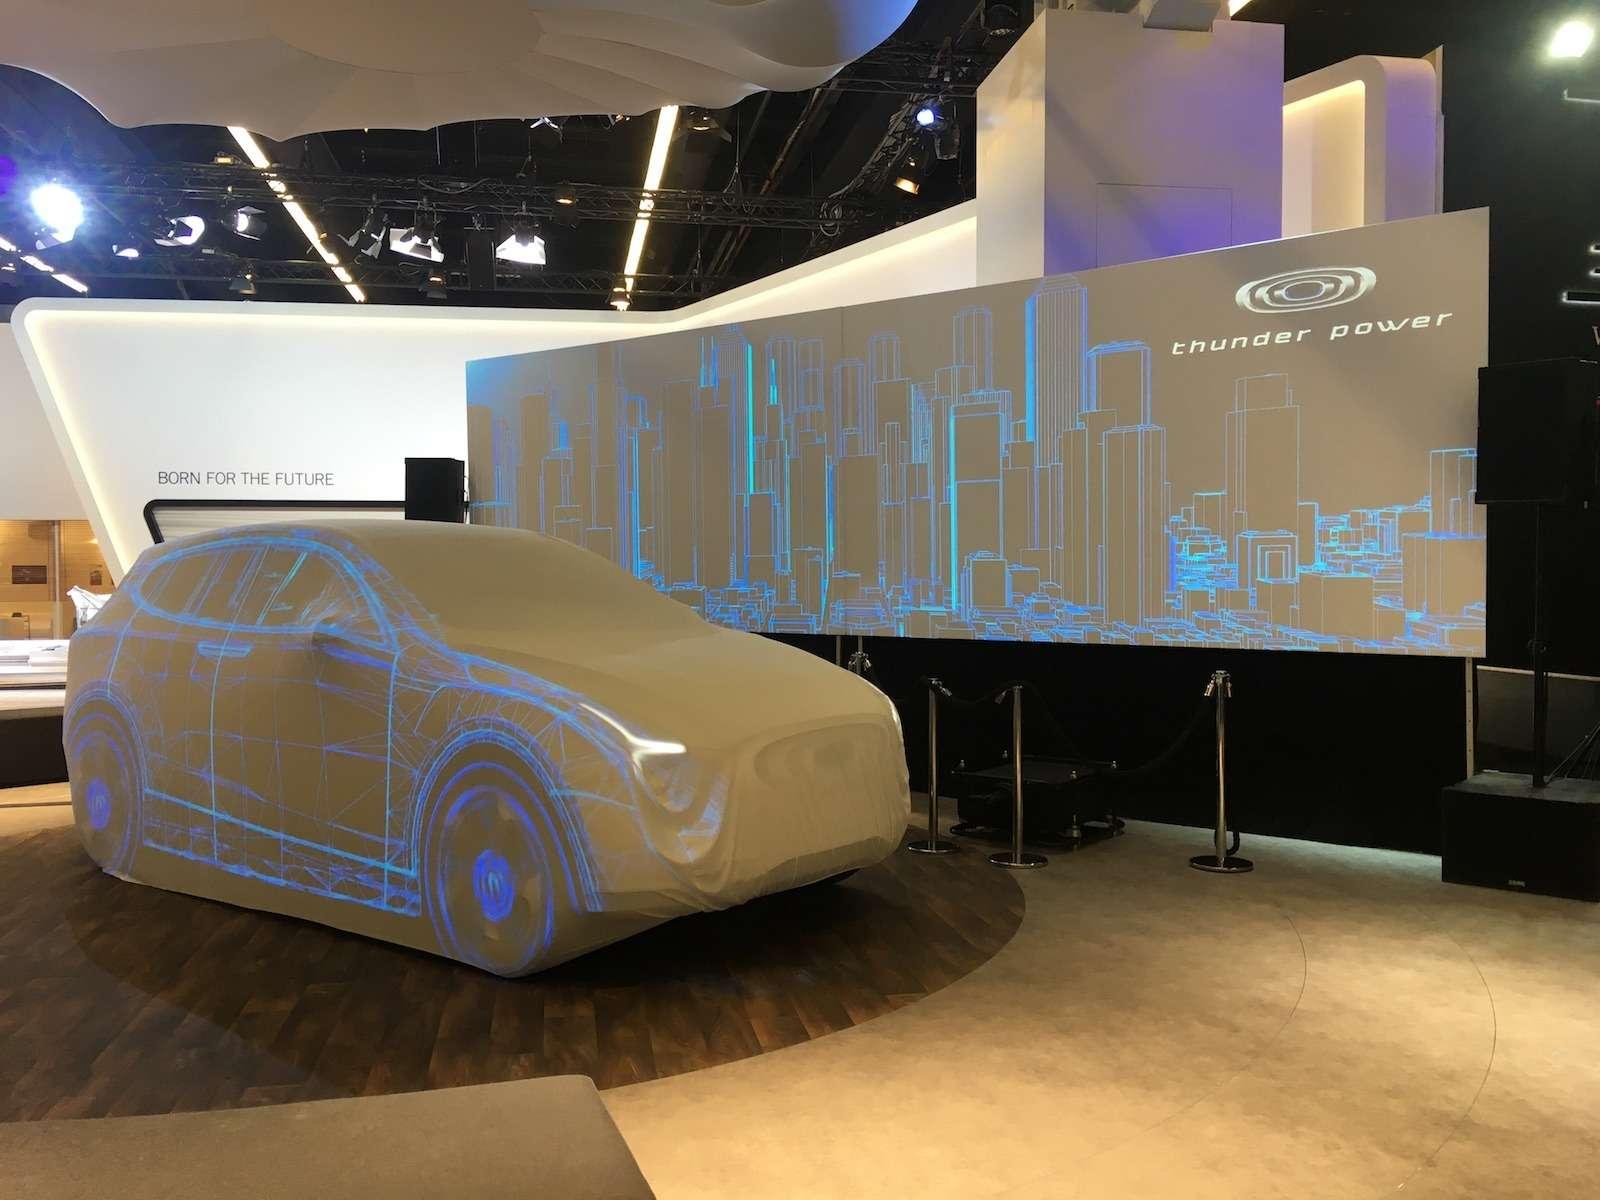 Новый Duster идругие премьеры автосалона воФранкфурте: онлайн-трансляция. Часть 1— фото 793704